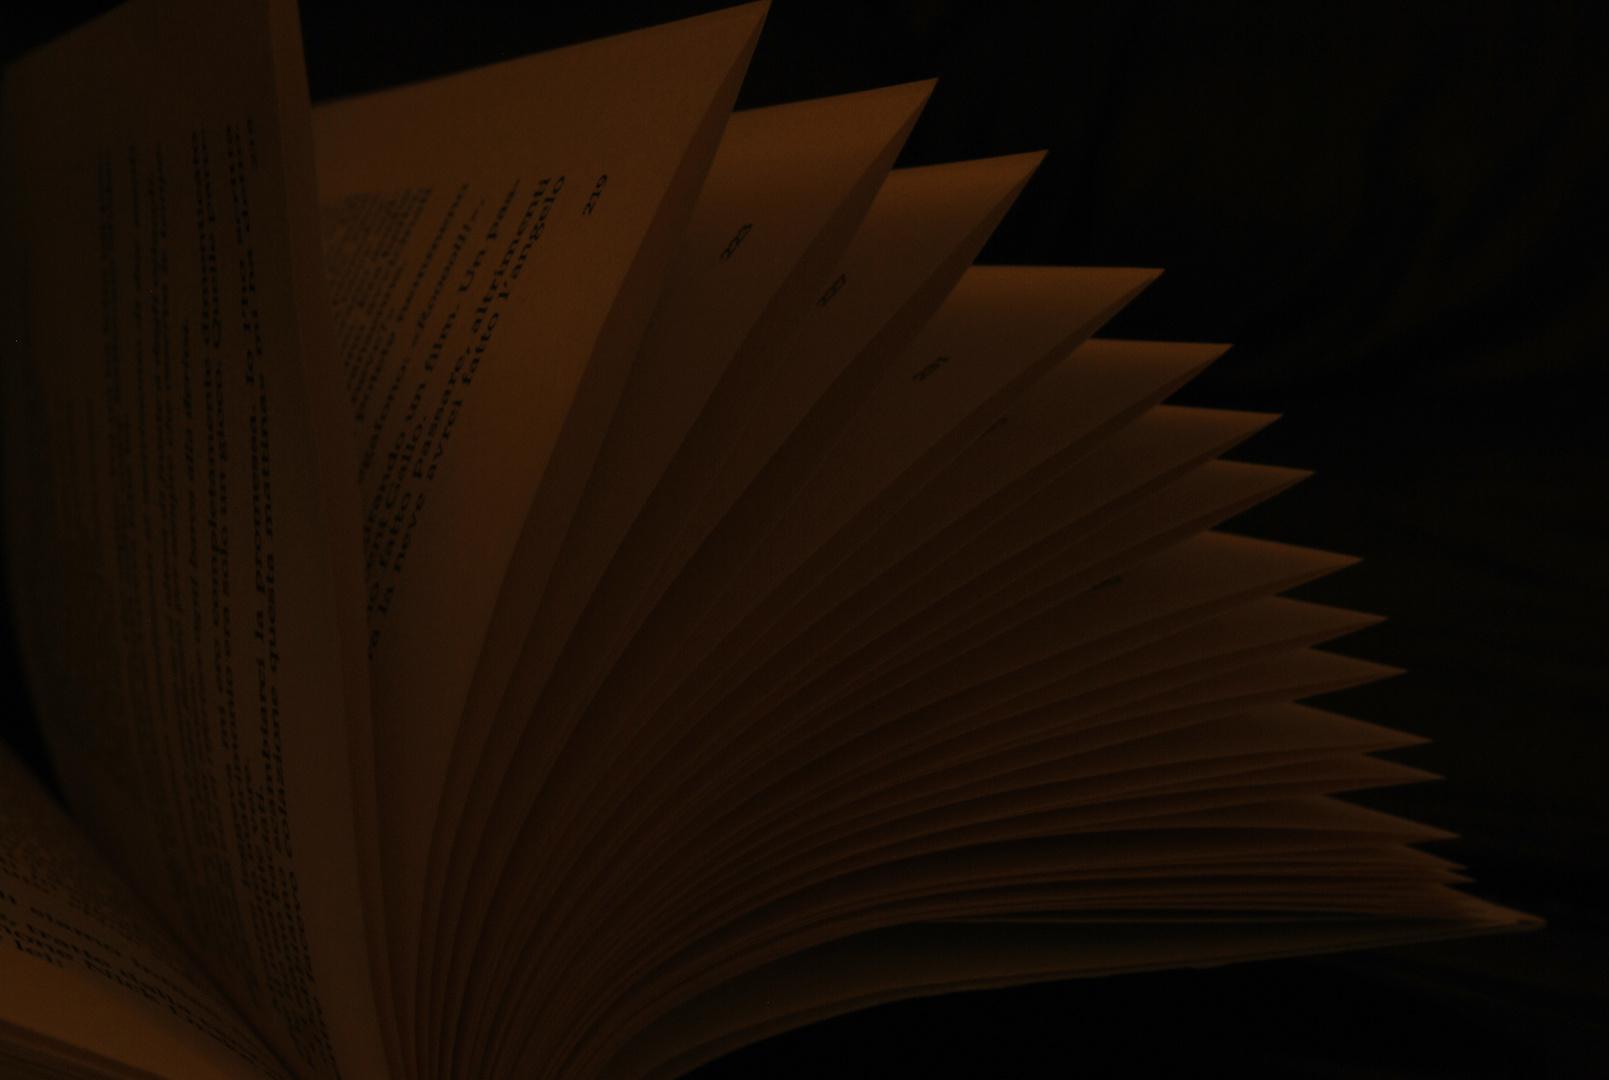 Leggi intensamente come se fosse L'ultima pagina della tua vita.